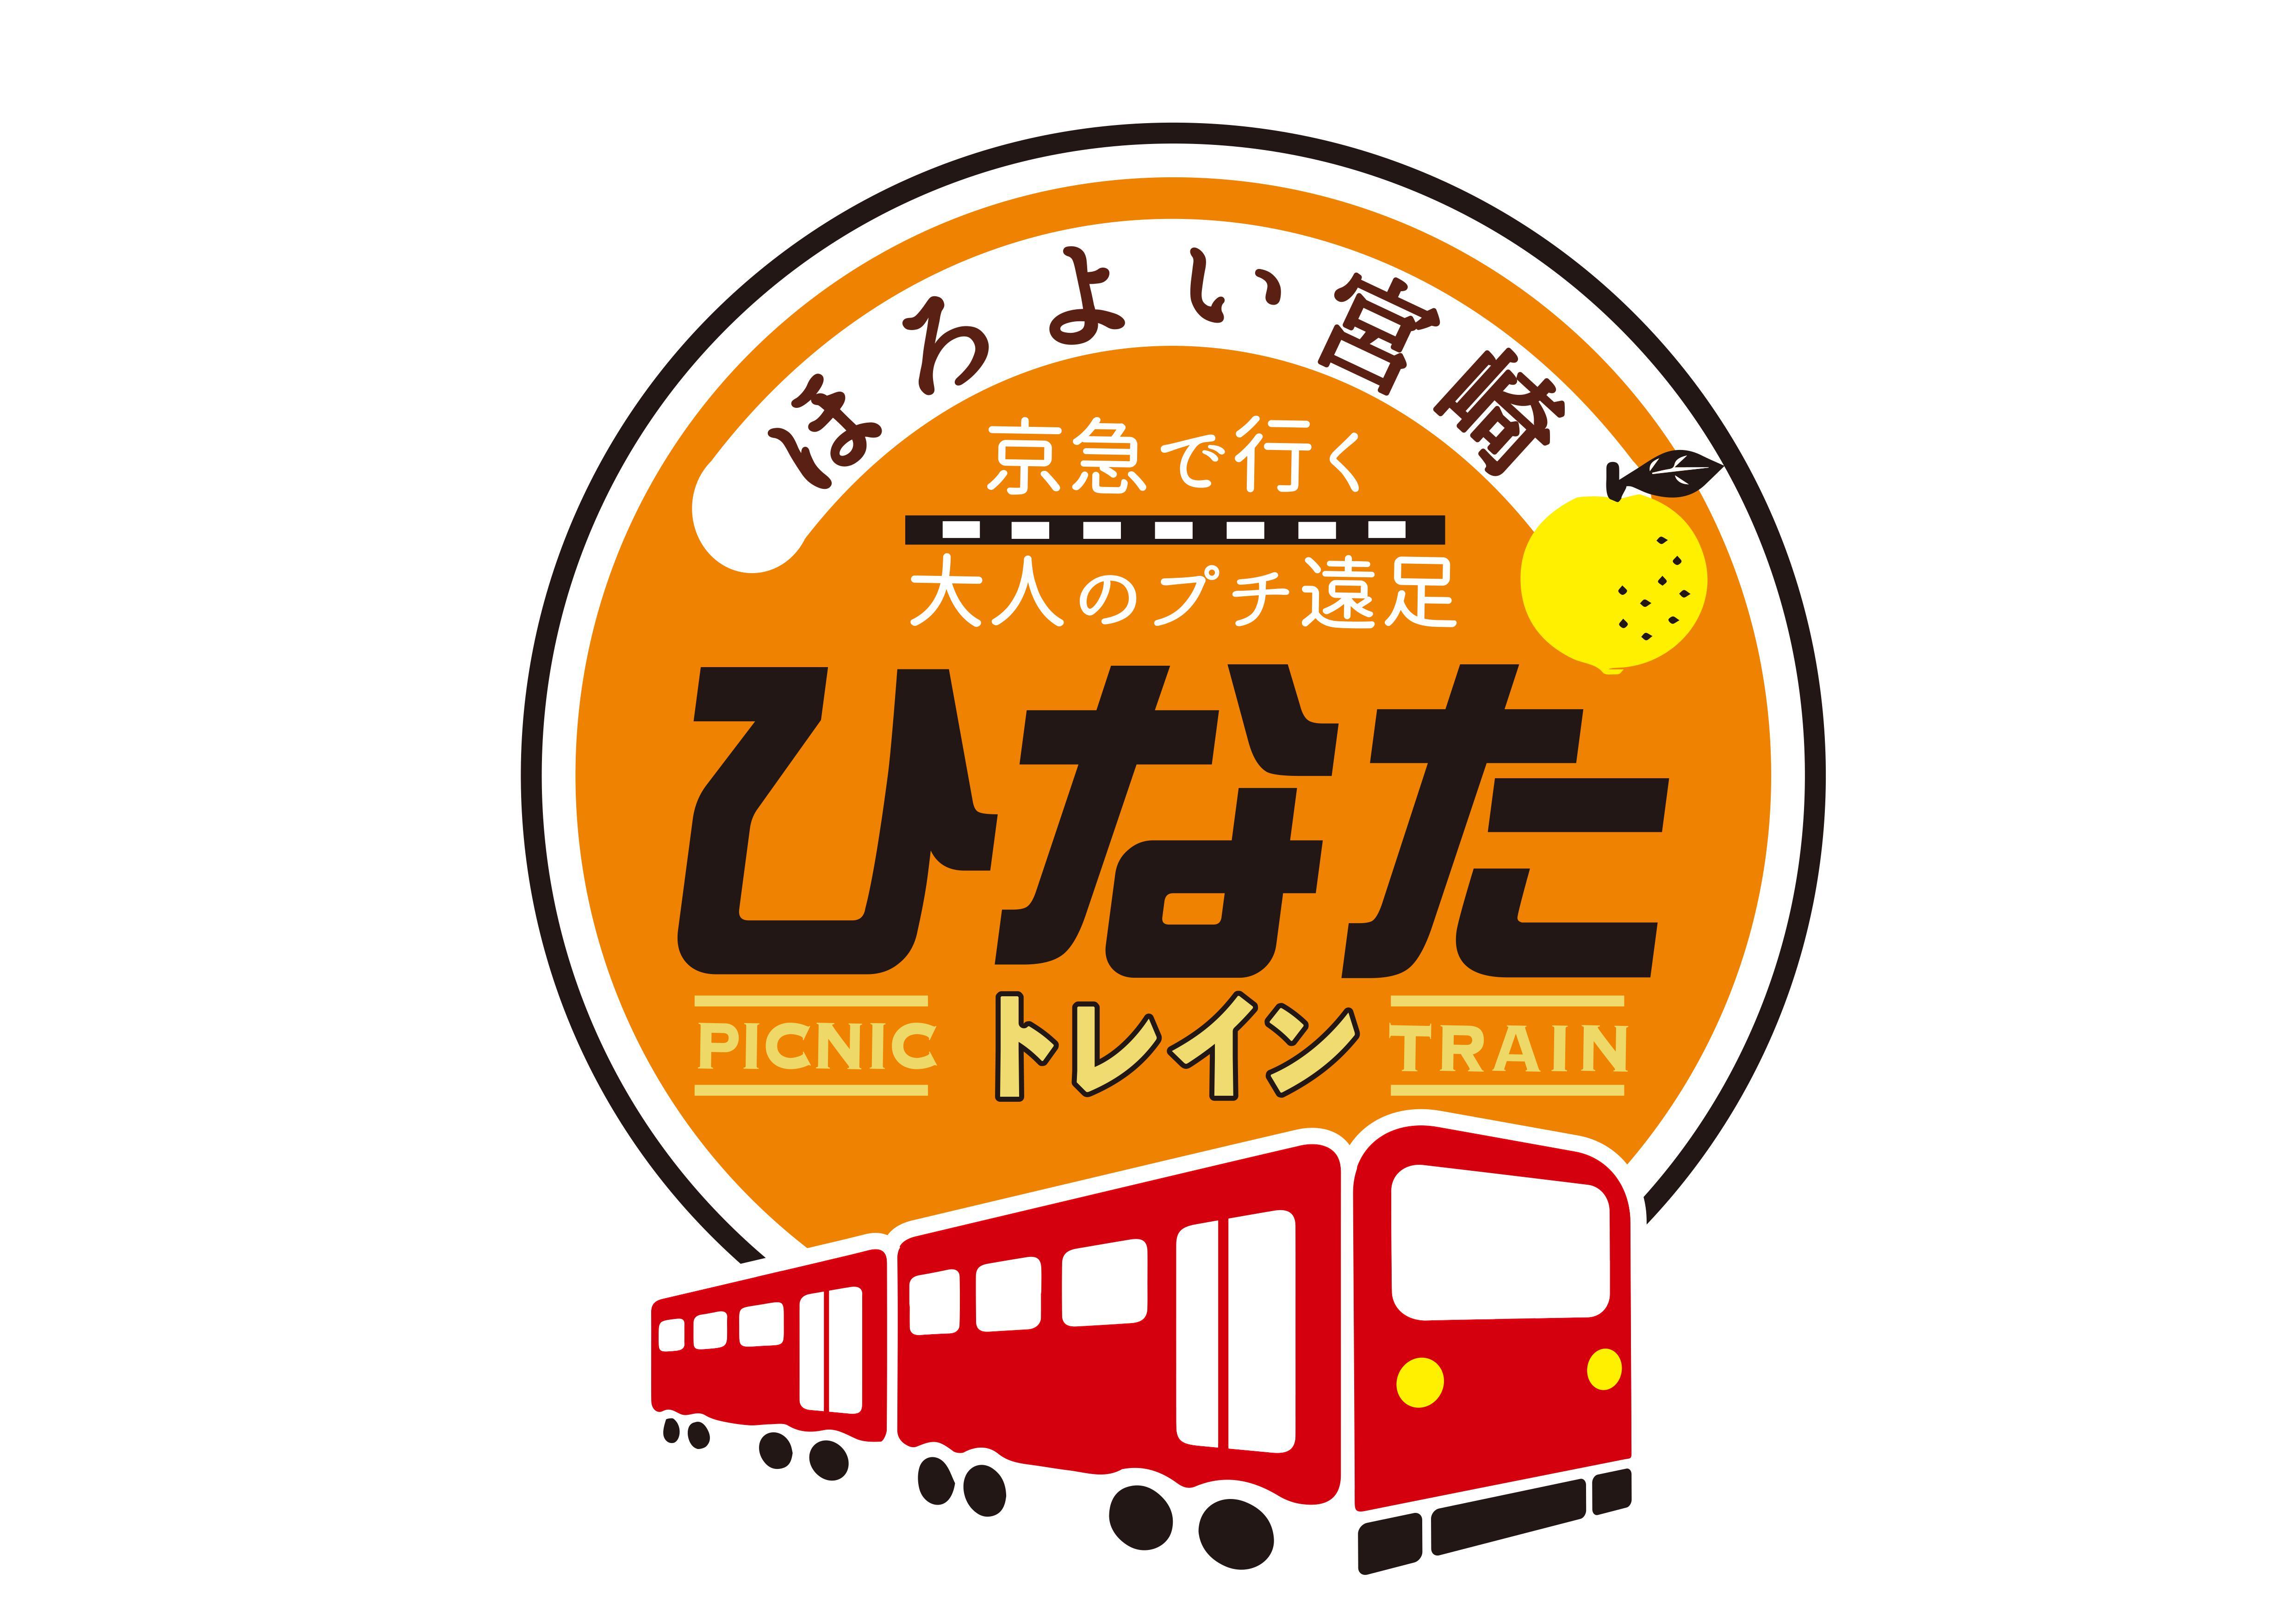 京急で行く大人のプチ遠足『ほろよい宮崎 ひなたトレイン』